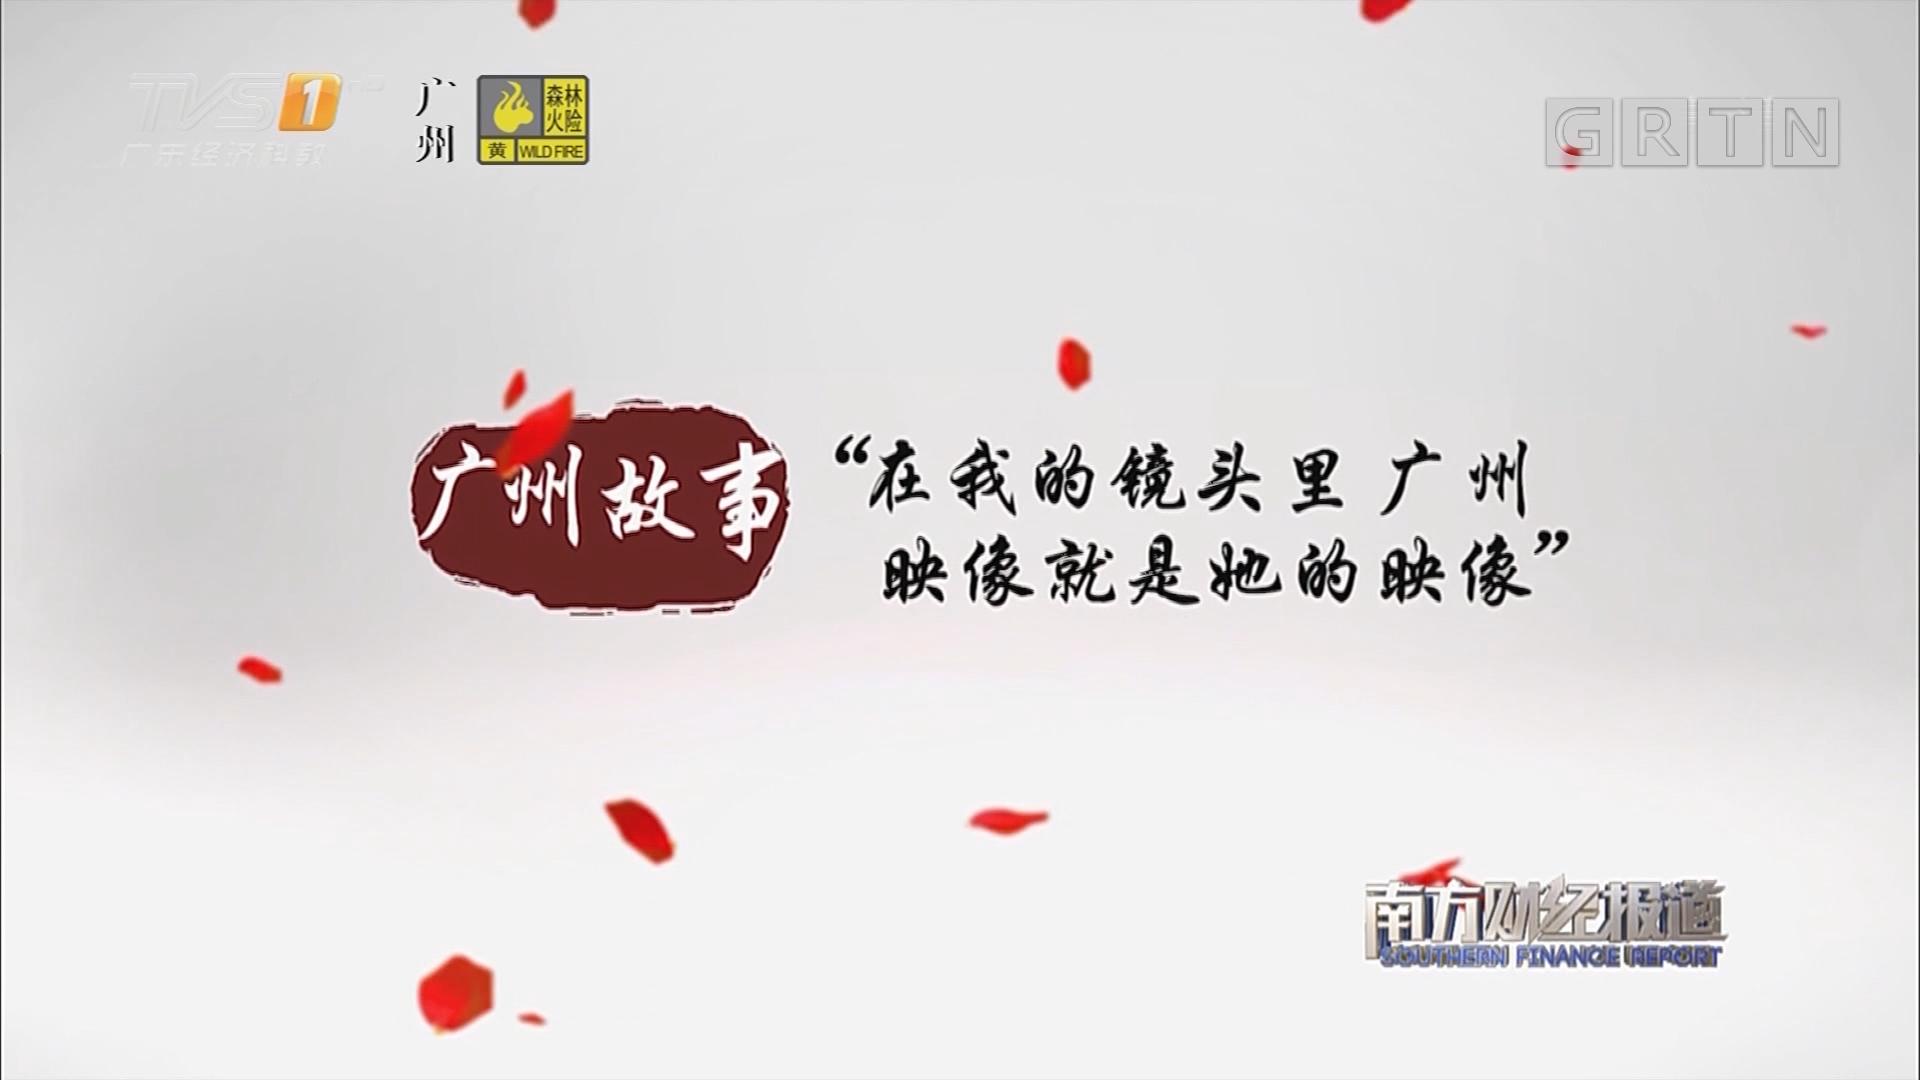 """广州故事 """"在我的镜头里广州映像就是她的映像"""""""